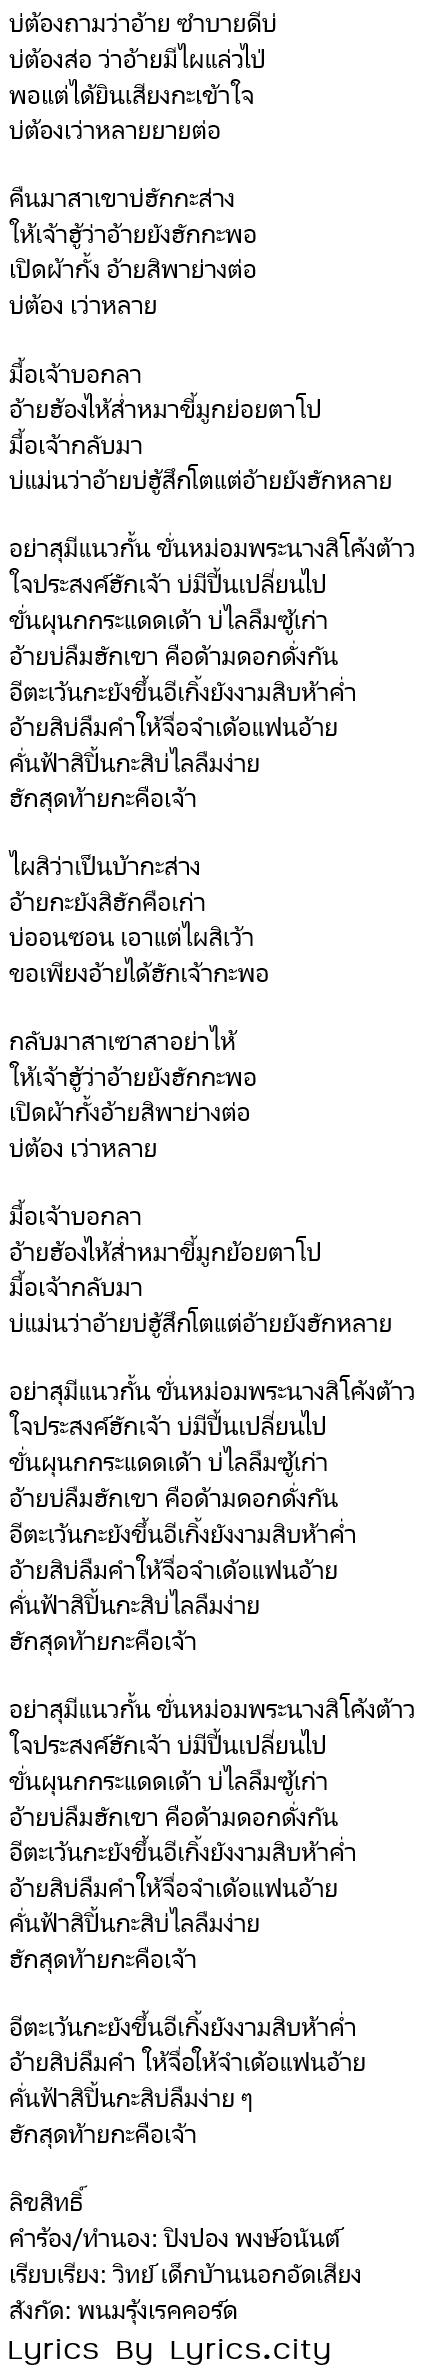 เนื้อเพลง นกแตดแต้ 2 (ฮักสุดท้าย) - ยศ ภิญโญ